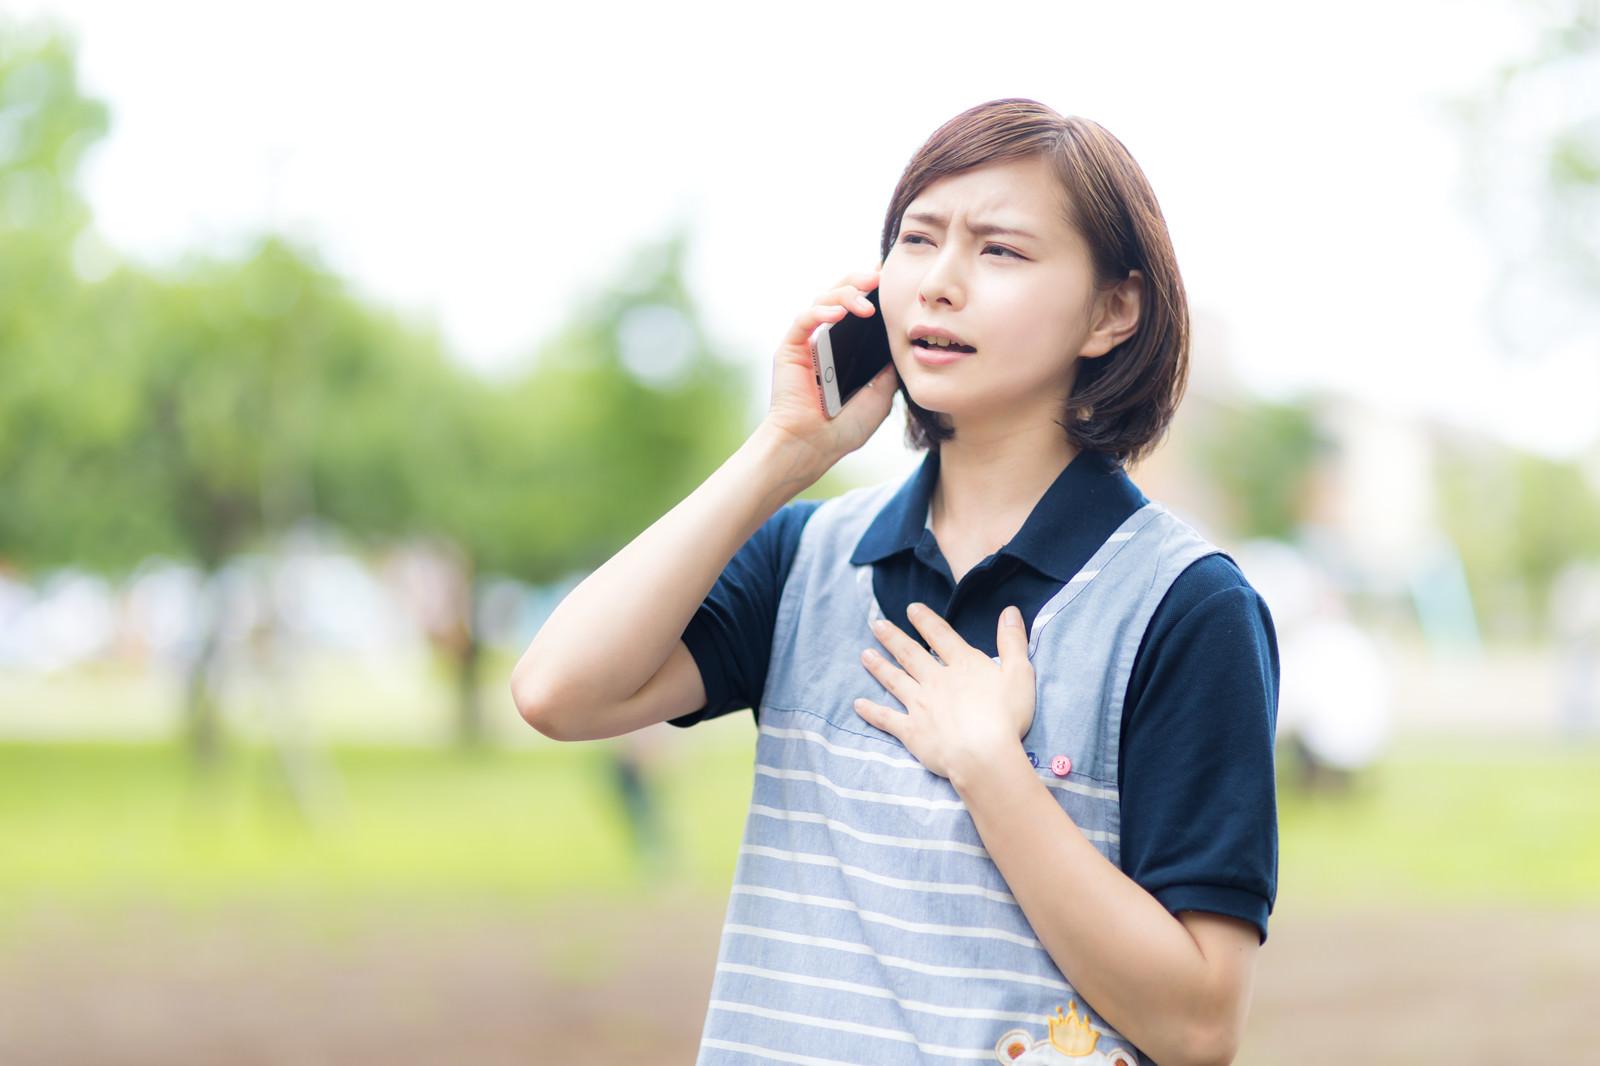 「心配事が解消してホッとする介護士の女性」[モデル:yumiko]